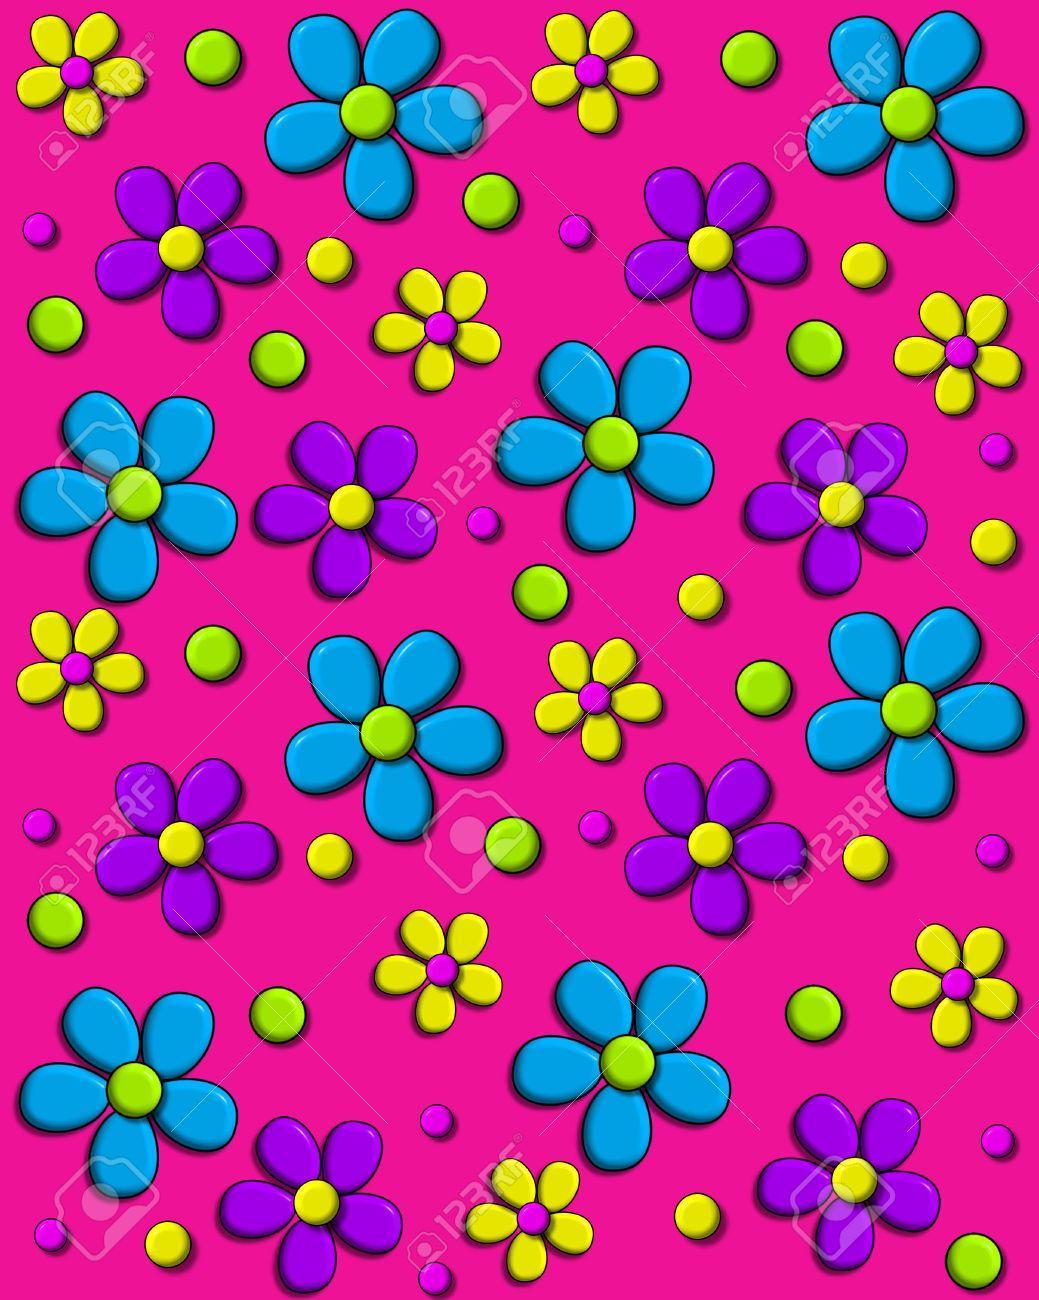 Anni 70 Colori immagine di sfondo è di colore rosa caldo e coperto in stile anni '70  margherite in acqua, viola e giallo. polka dots riempire tra i fiori.